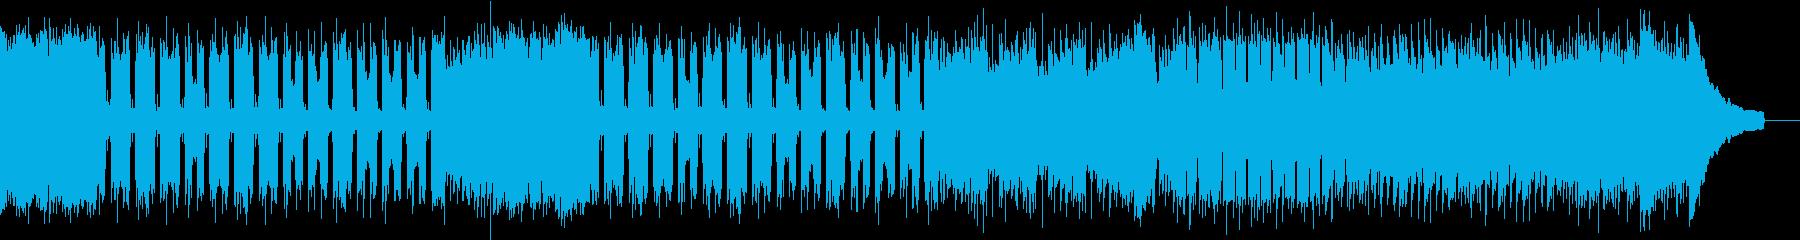 カントリー風ロックギター01Eの再生済みの波形